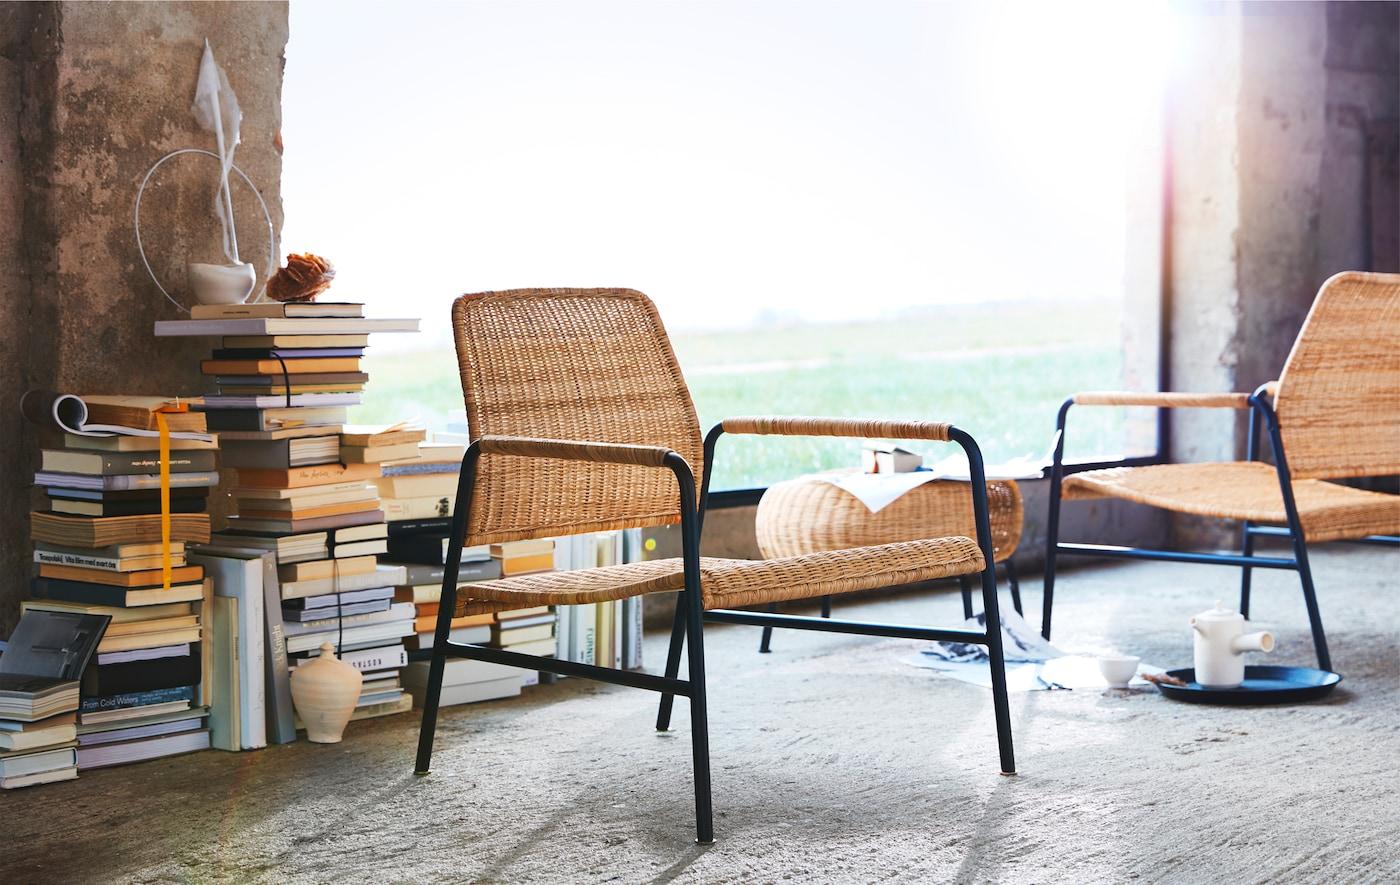 Chaises en rotin et en métal et repose-pieds devant une pile de livres et une grande fenêtre.